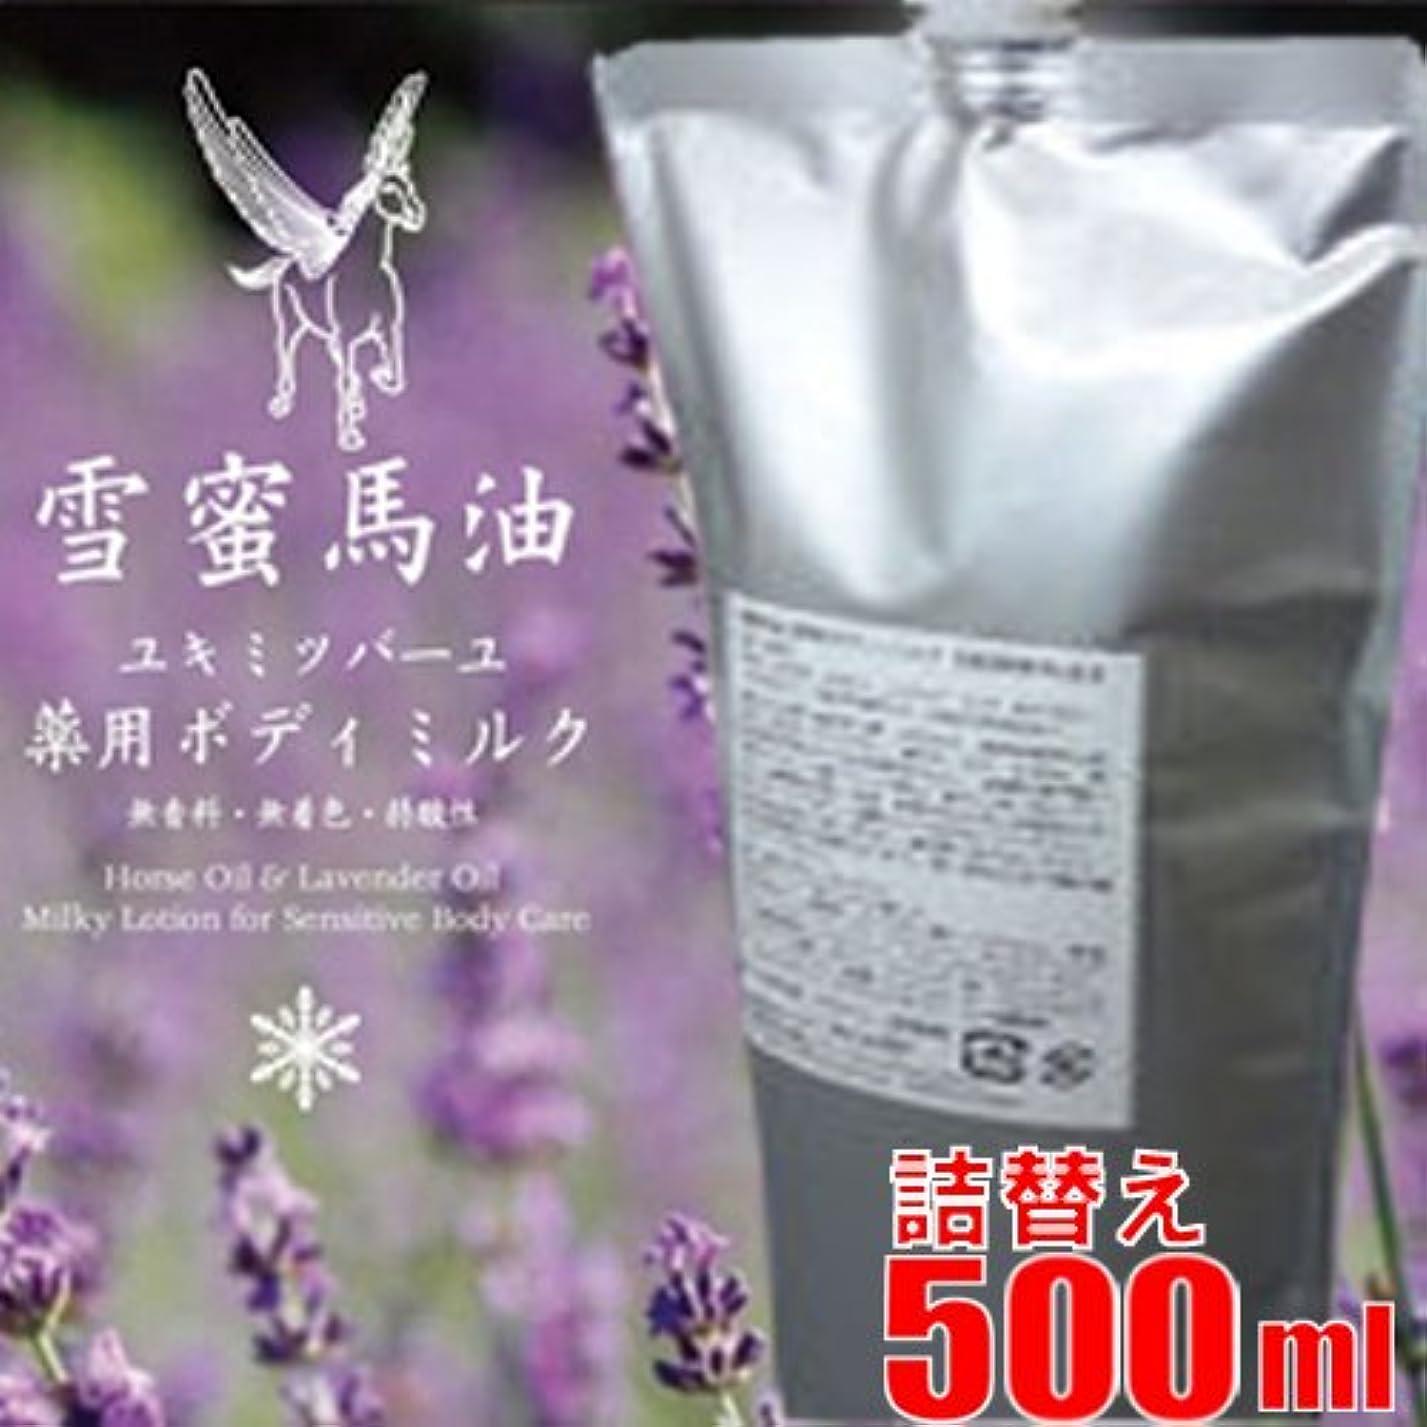 混合した水確かに【詰替え500g】雪蜜馬油 薬用ボディミルク 詰替え500ml